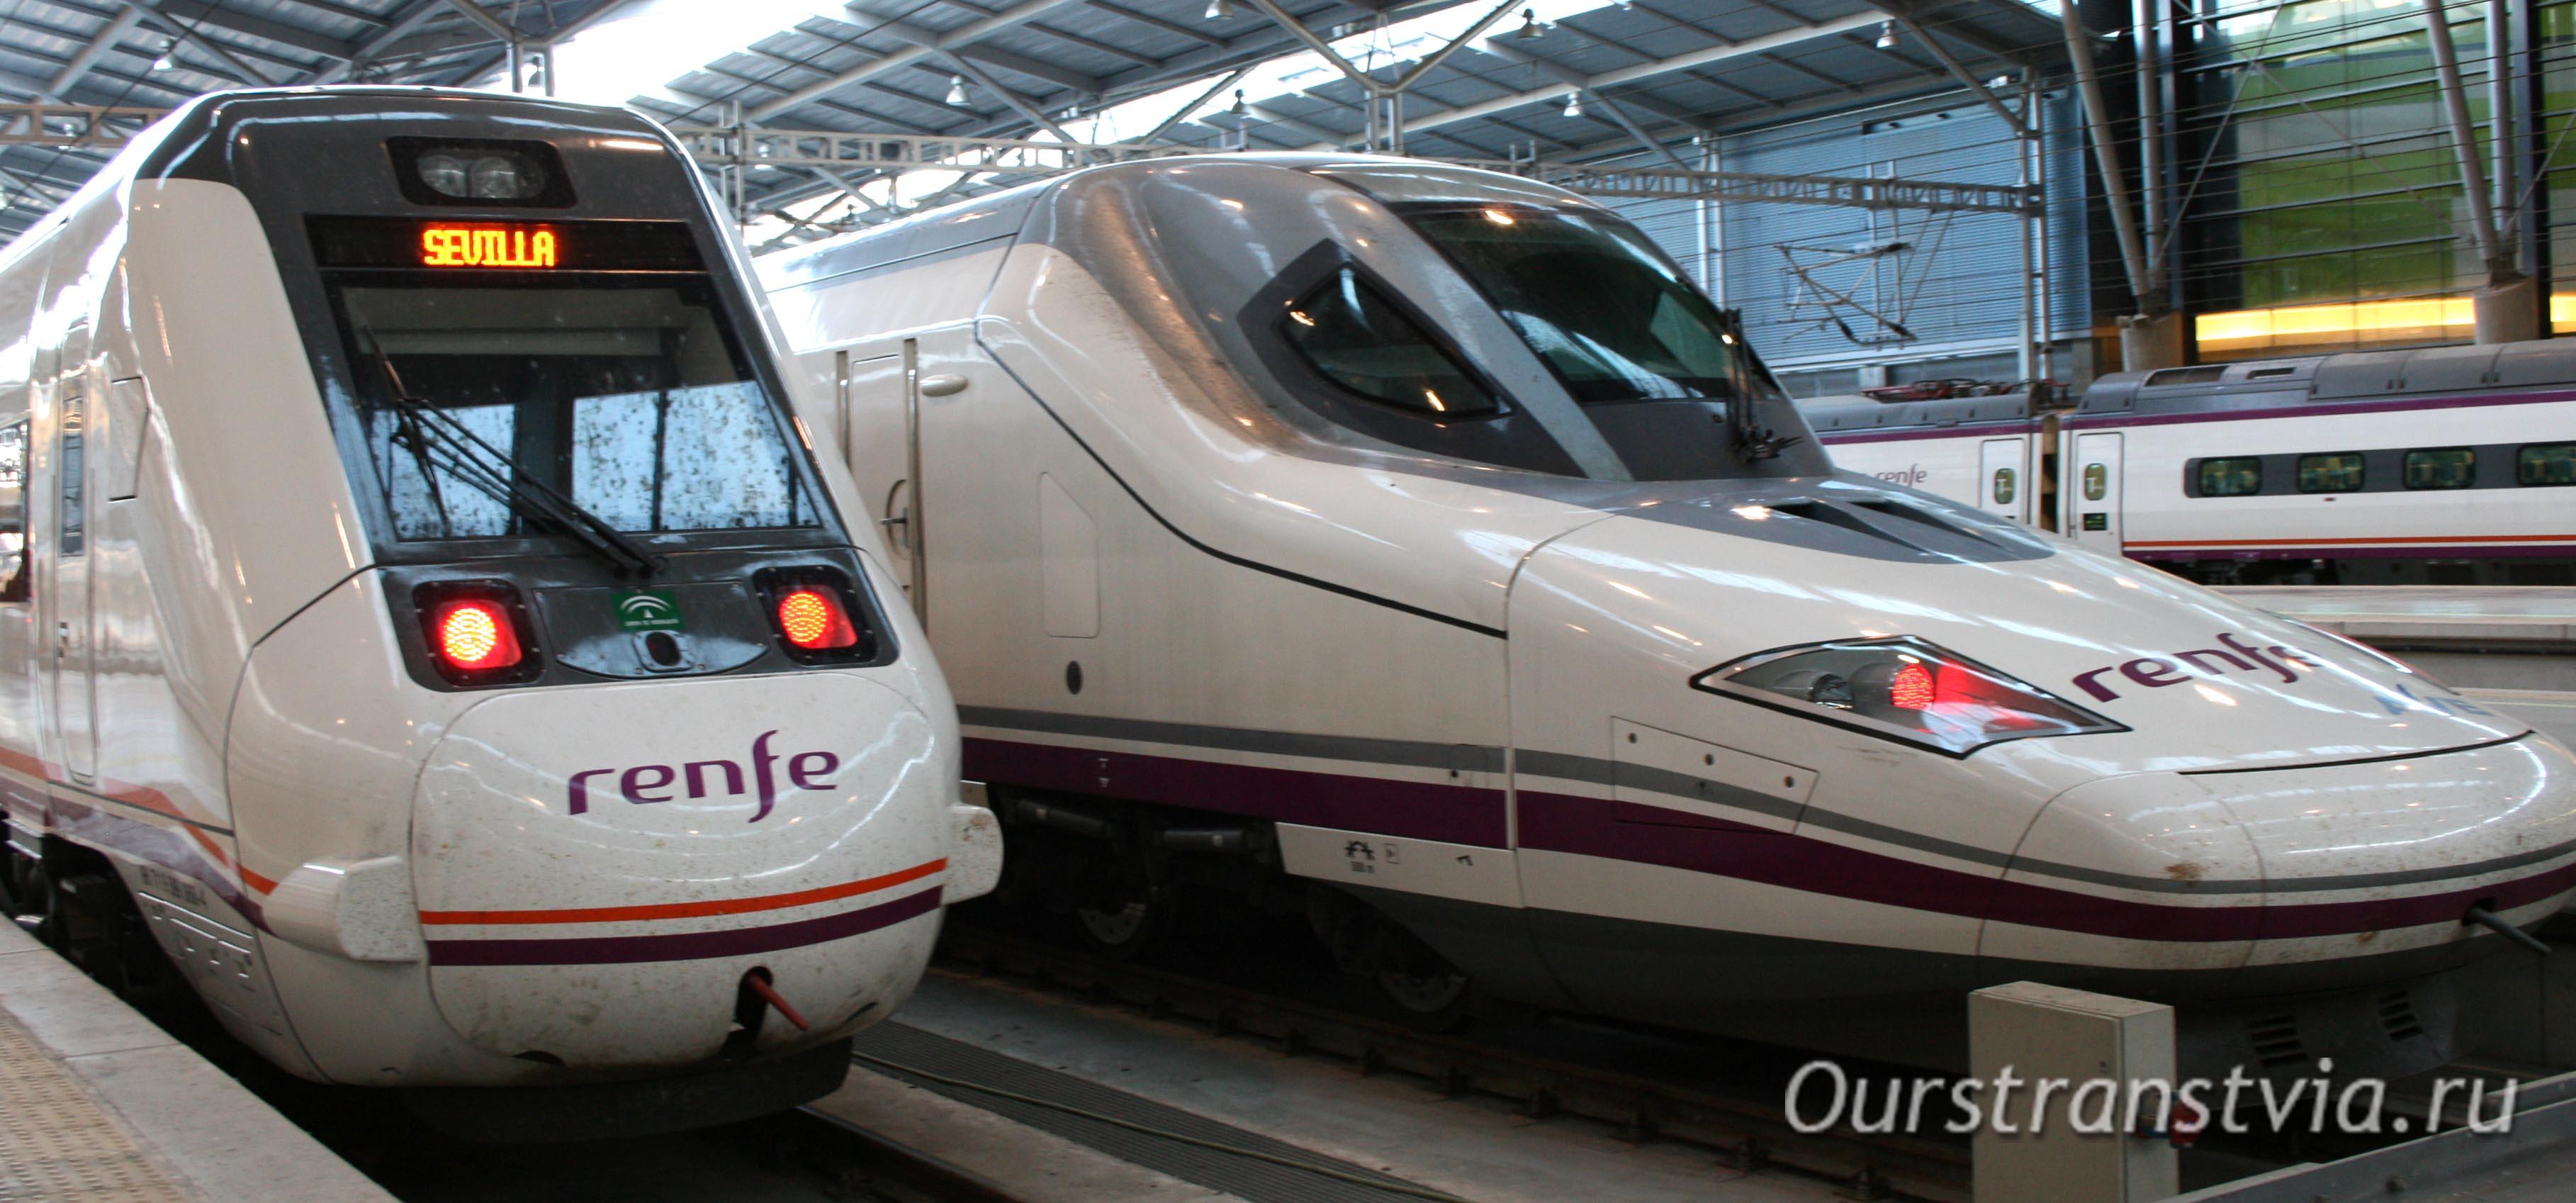 Поезда Renfe, Испания